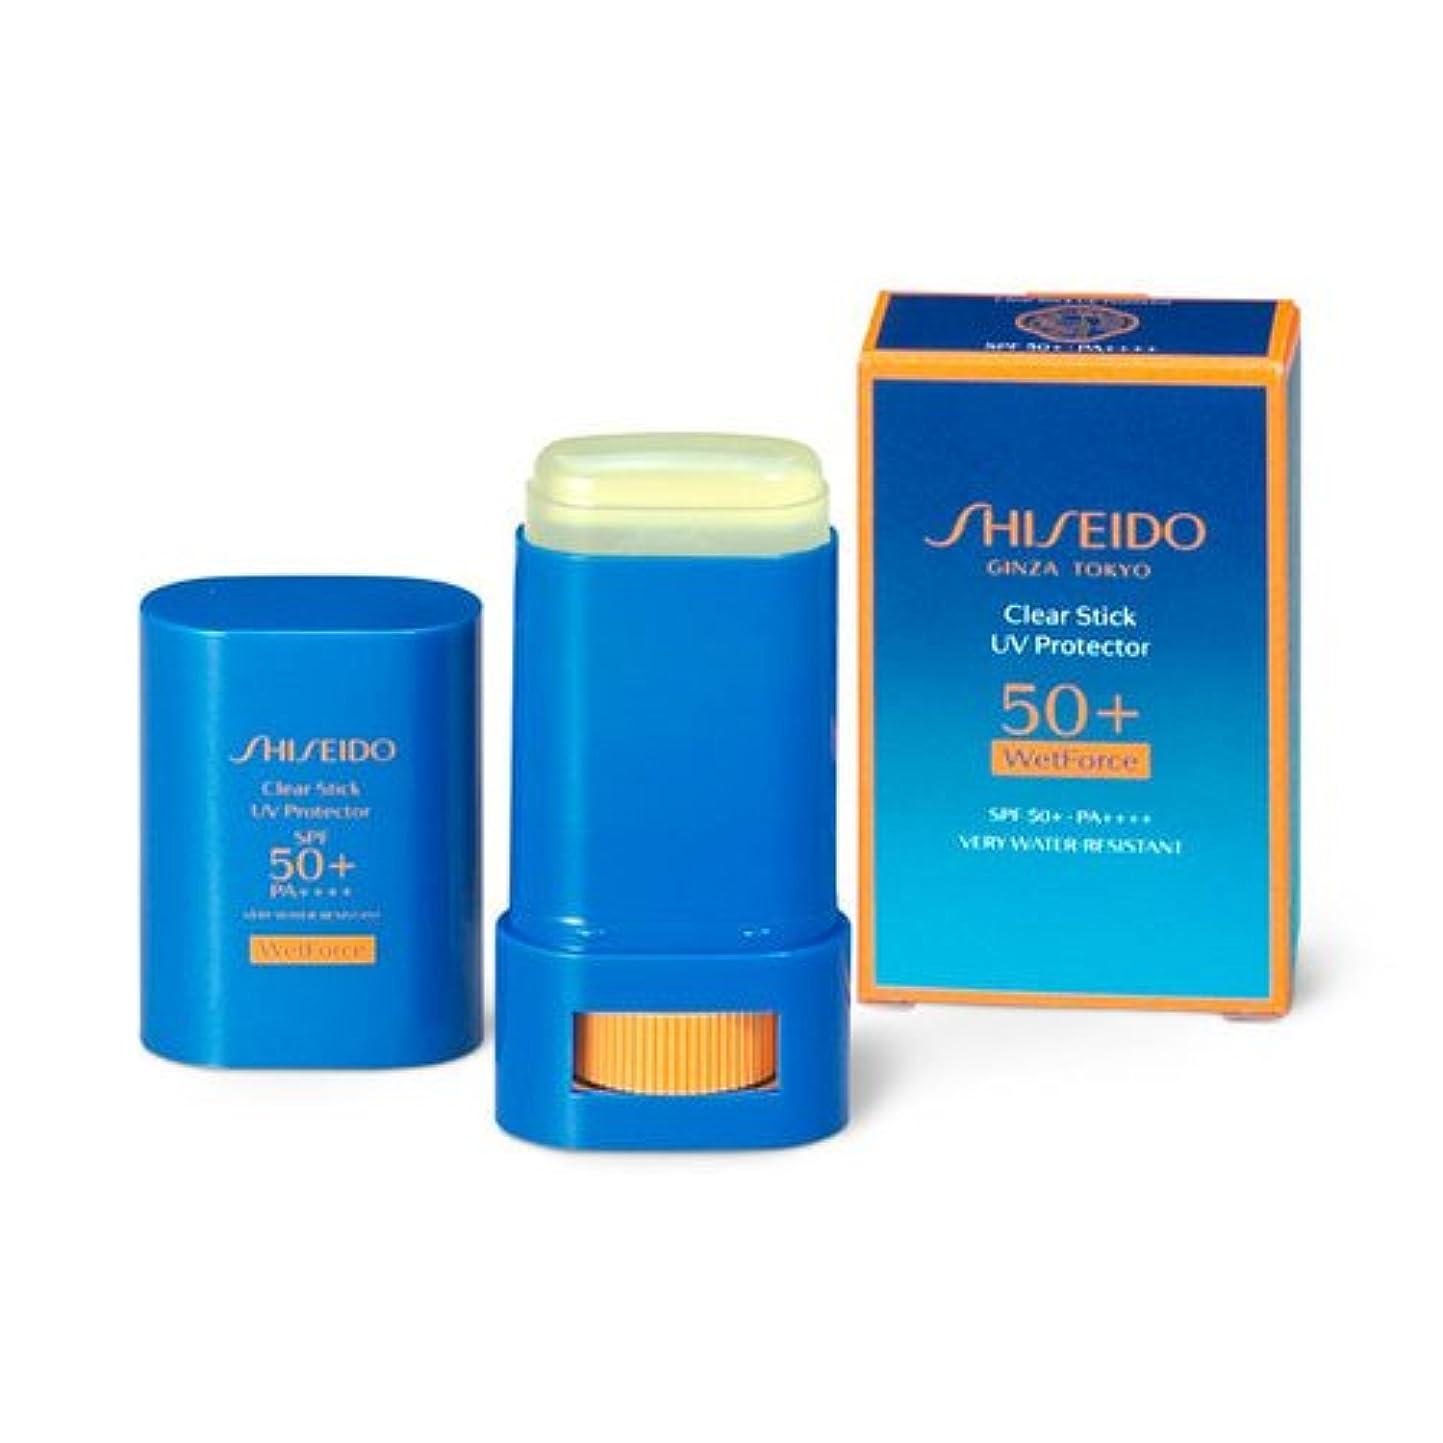 キモい能力セラーSHISEIDO Suncare(資生堂 サンケア) SHISEIDO(資生堂) クリアスティック UVプロテクター 15g